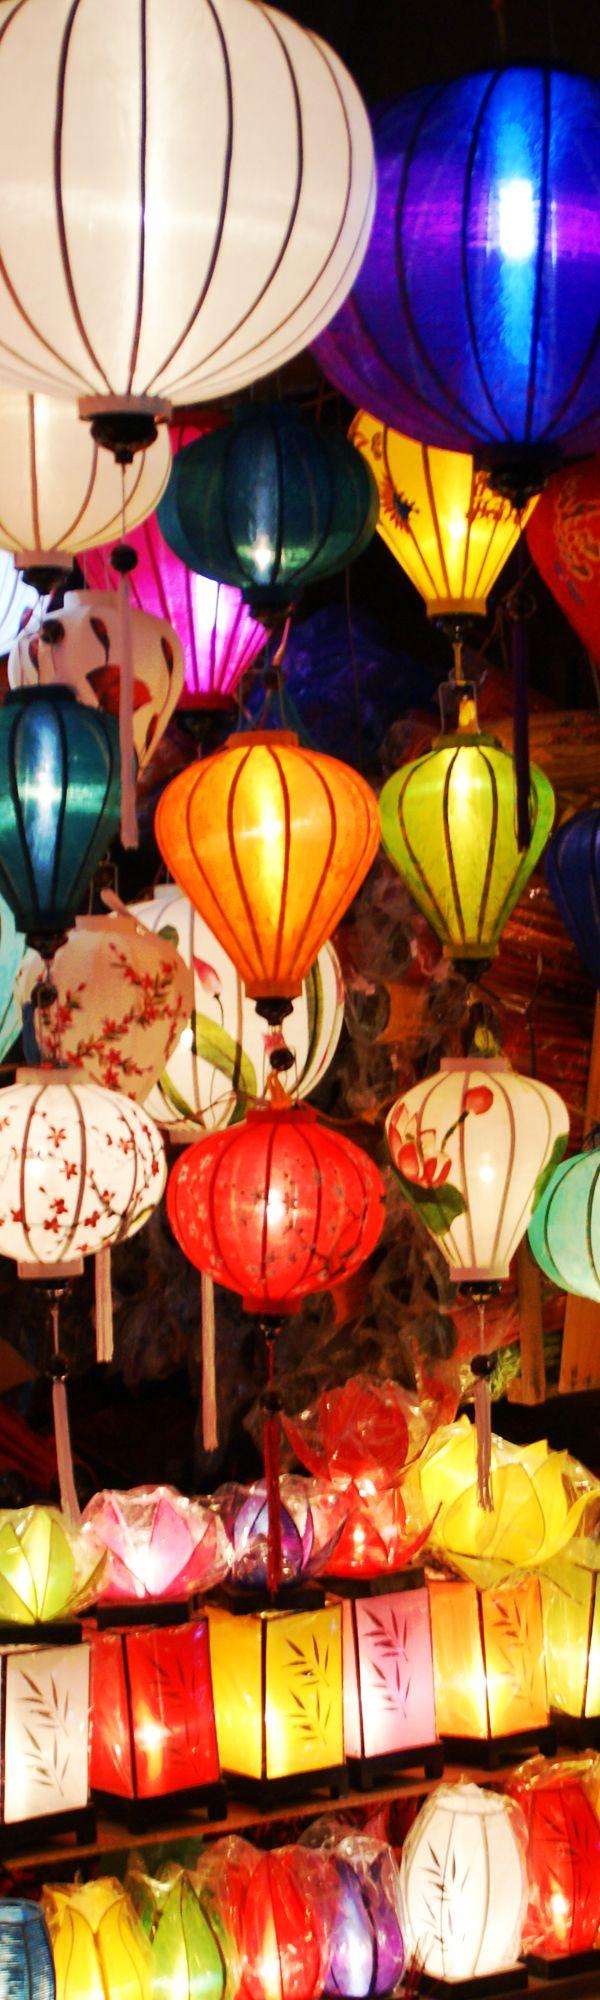 世界遺産の町ホイアンでは美しいランタン祭が有名です。(UNESCO World Heritage Site Hoi An Ancient Town…